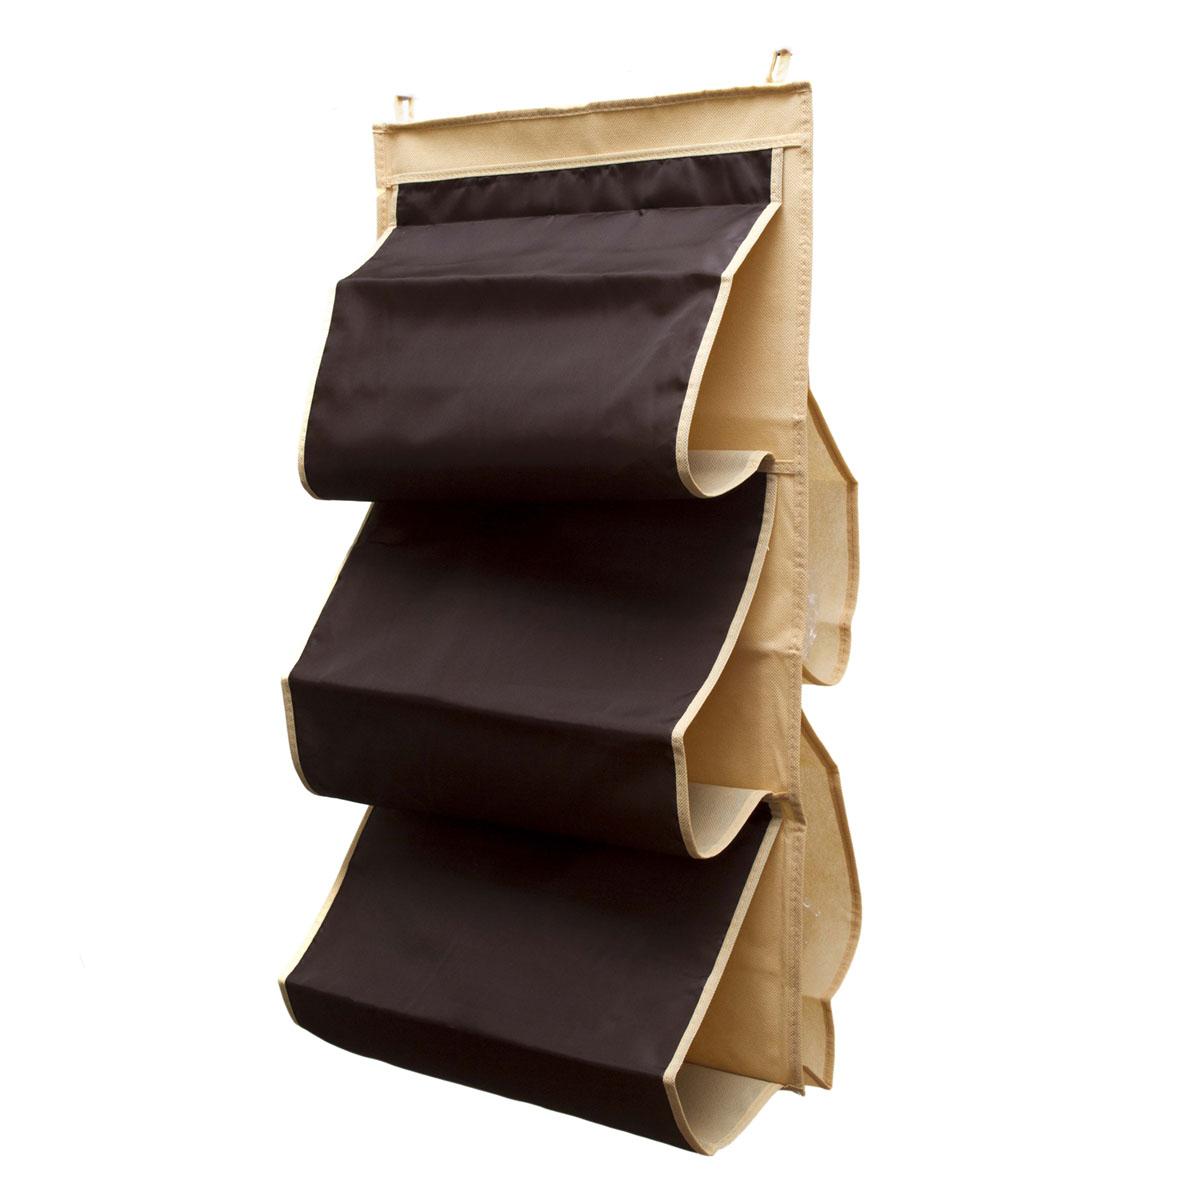 Органайзер для сумок Homsu Costa-Rica, 5 отделений, 40 х 70 смU210DFОрганайзер для хранения сумок Homsu Costa-Rica изготовлен из полиэстера. Изделие имеет 5 отделений, его можно повесить в удобное место за крючки. Такой компактный и удобный в каждодневном использовании аксессуар, как этот органайзер, размещающийся в пространстве шкафа, на плоскости стены или дверей.Практичный и удобный органайзер для хранения сумок.Размер чехла: 40 х 70 см.